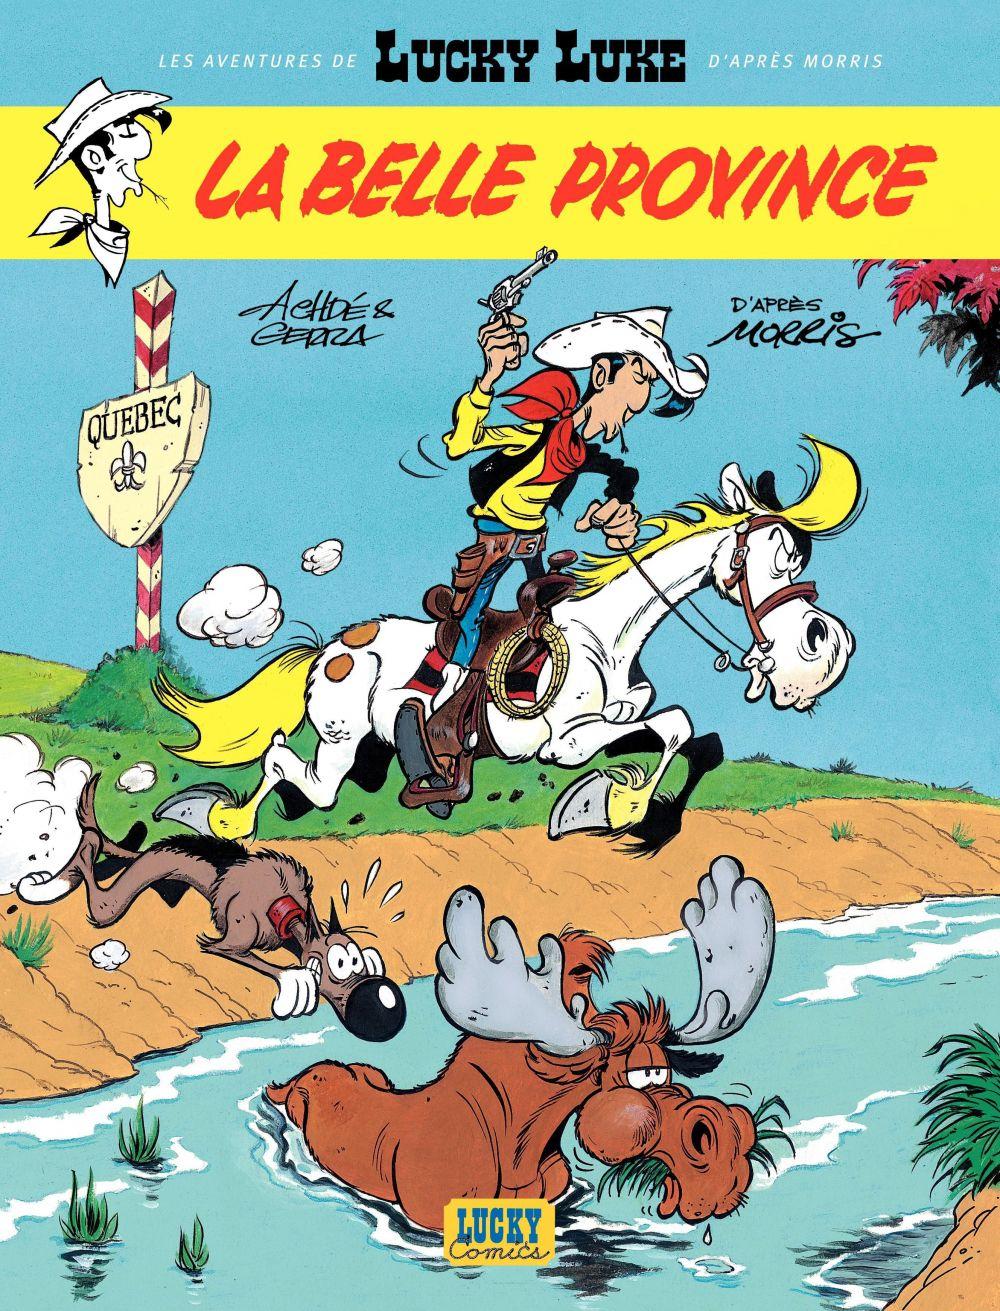 Les aventures de Lucky Luke d'après Morris - tome 1 - La belle province | Gerra, Laurent (1967-....). Auteur